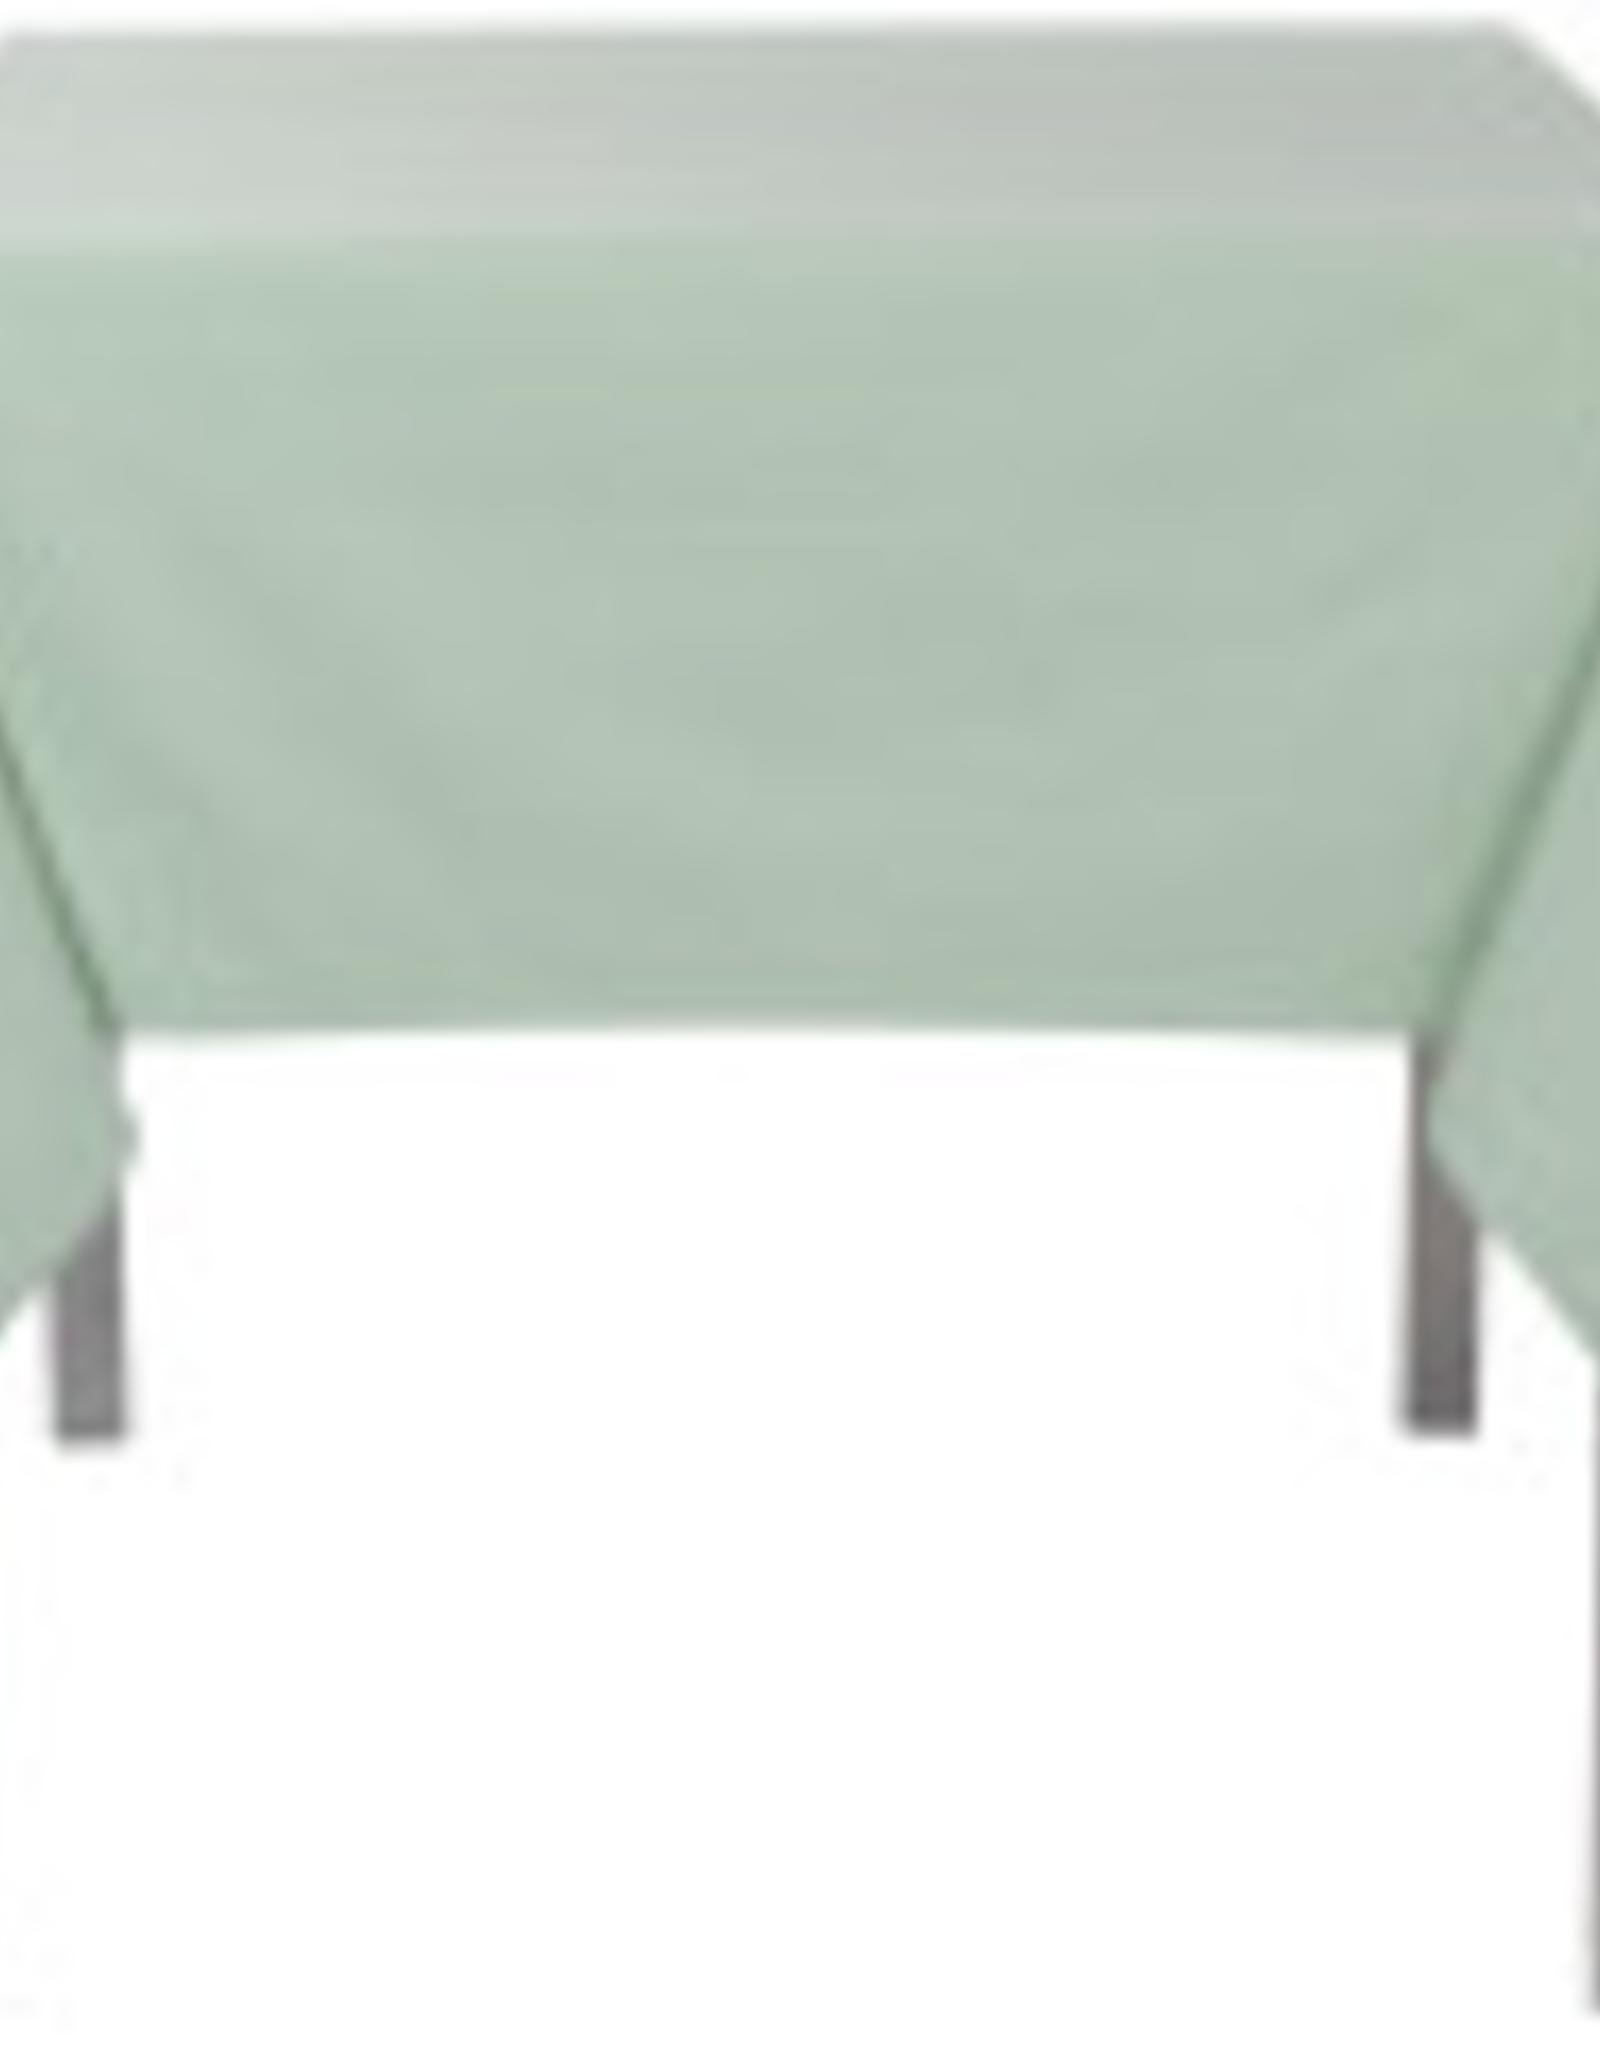 Danica Danica Renew Tablecloth-Aloe 60x90